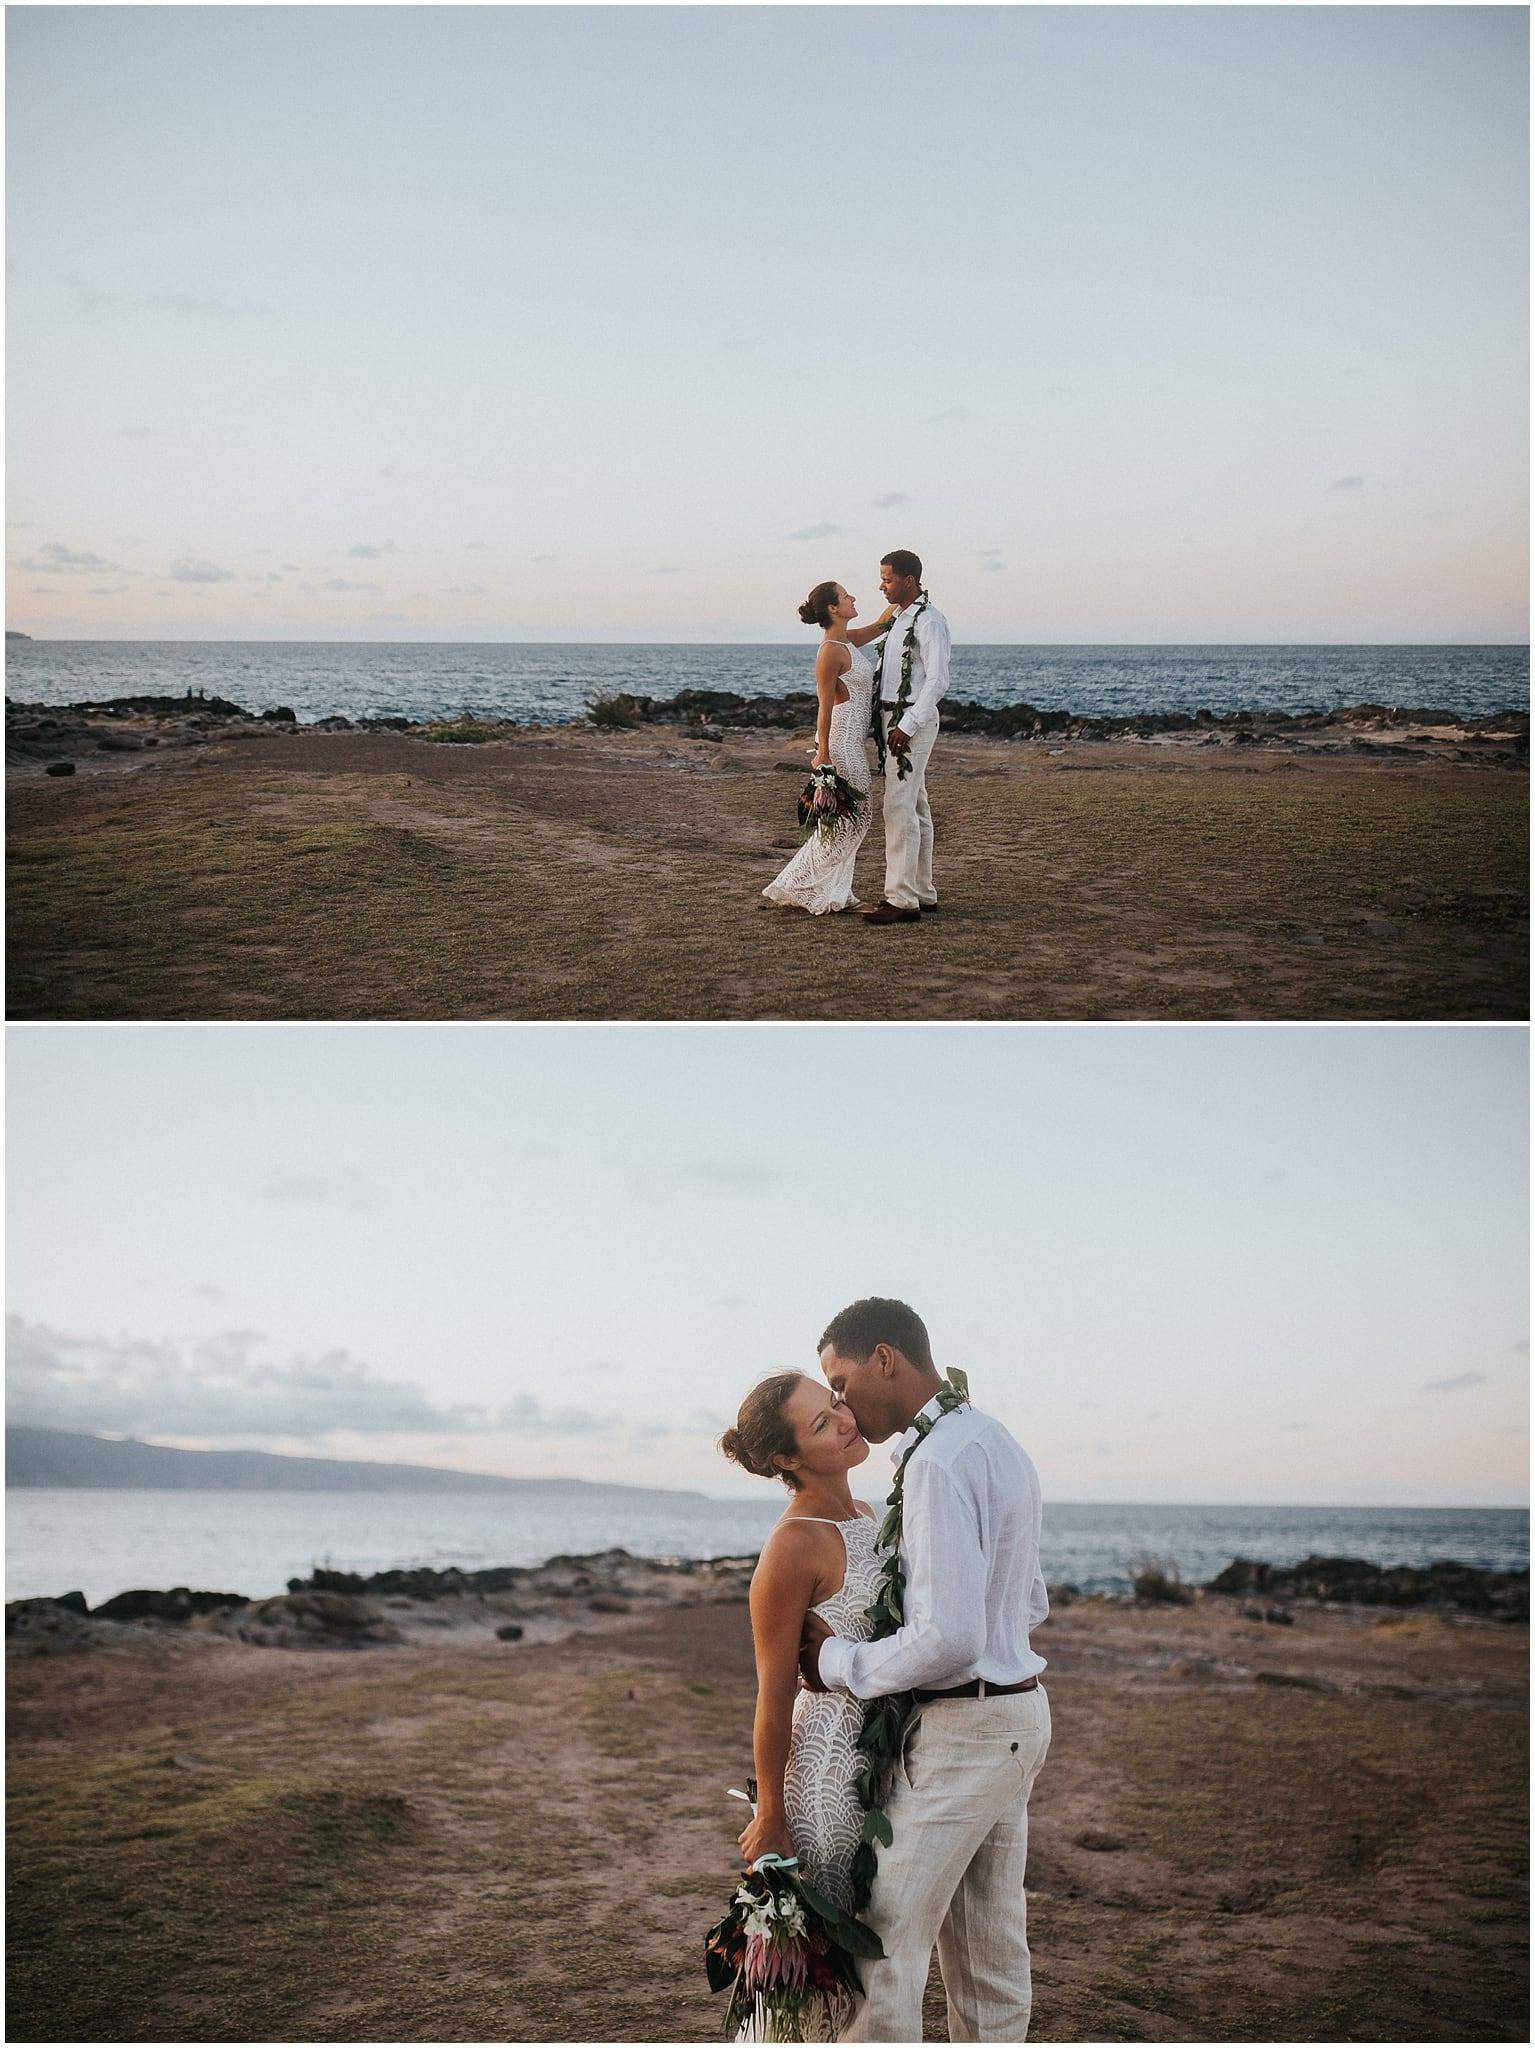 destination elopement photographer, destination elopement photography, van life photographer, van life elopement photographer, traveling elopement photographer